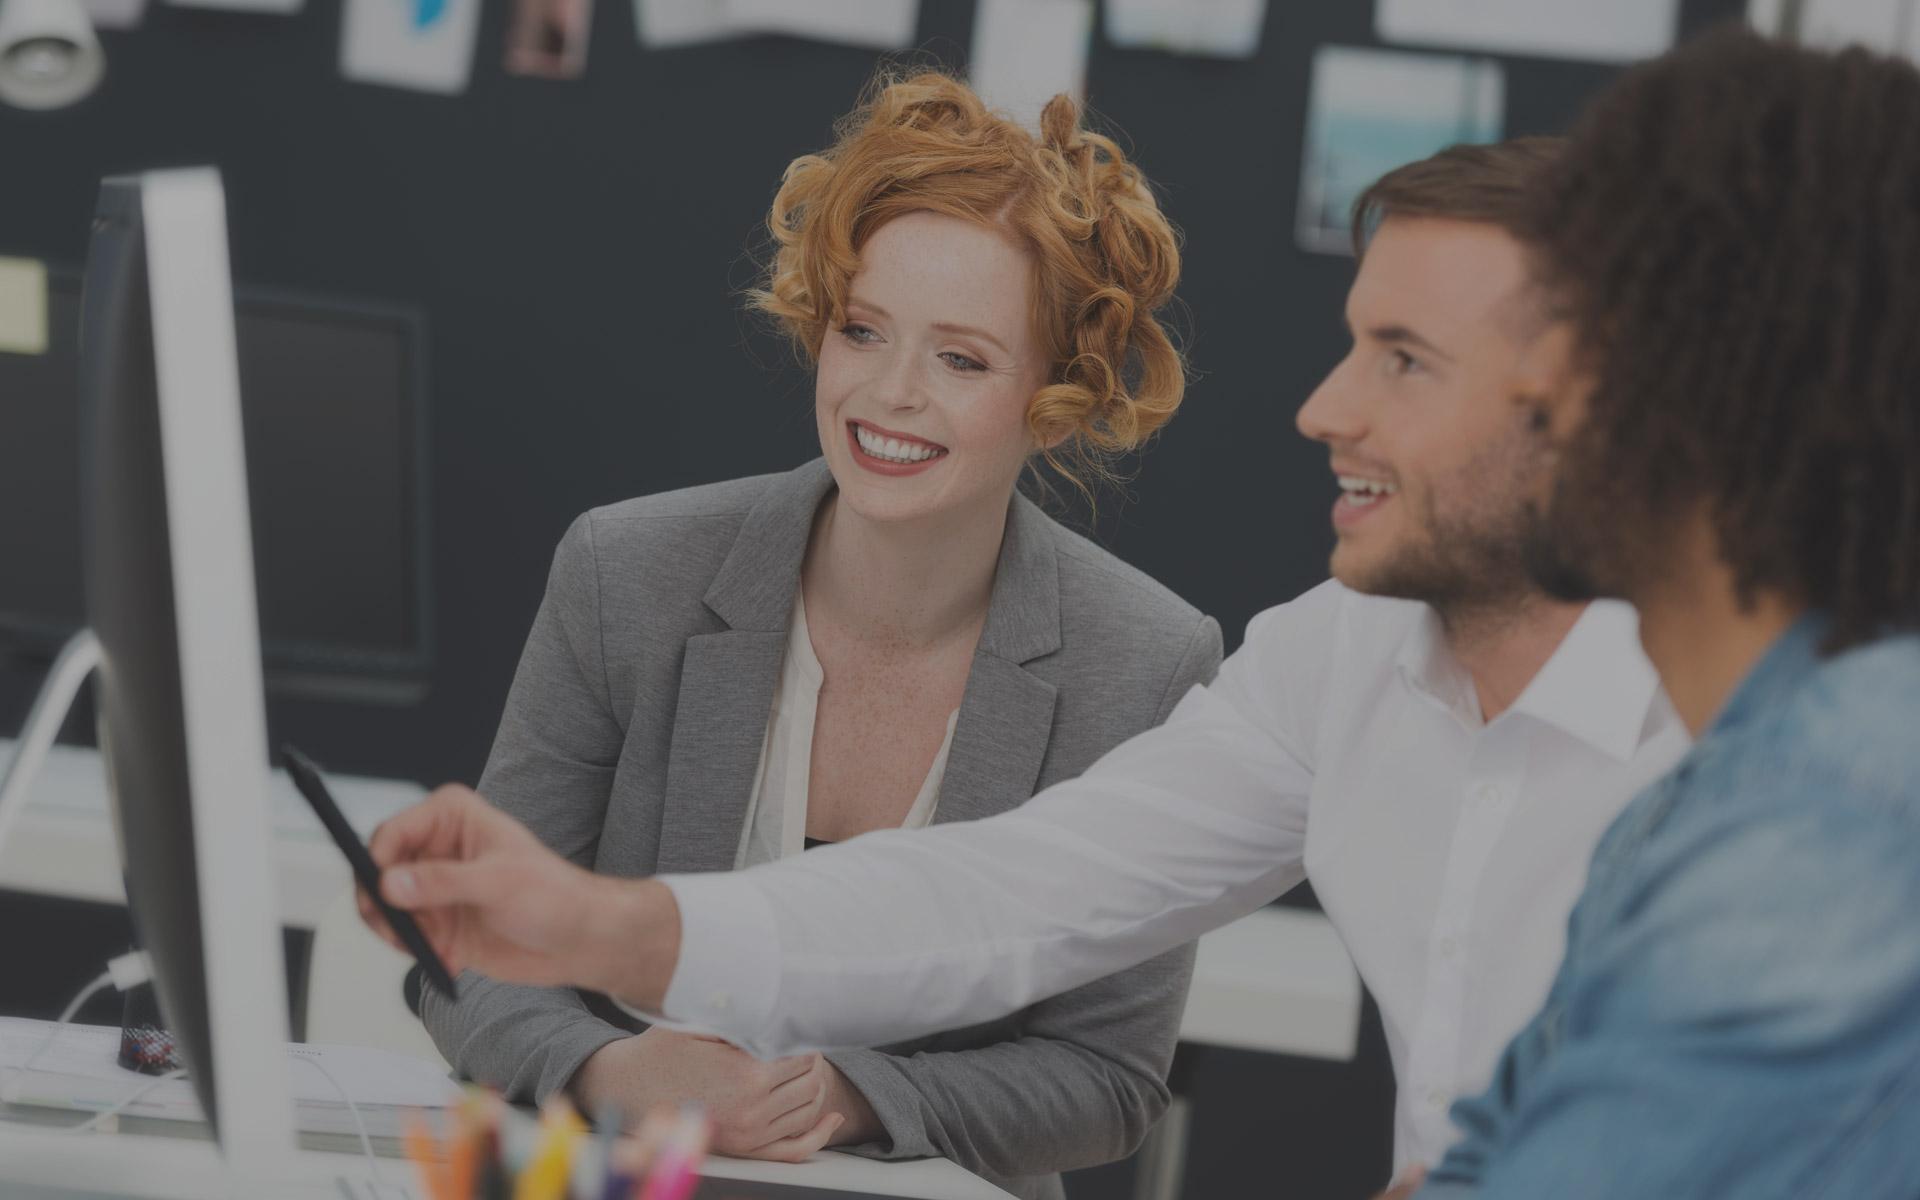 Die digitale Transformation nutzen und neue Marketing-Kanäle entdecken.